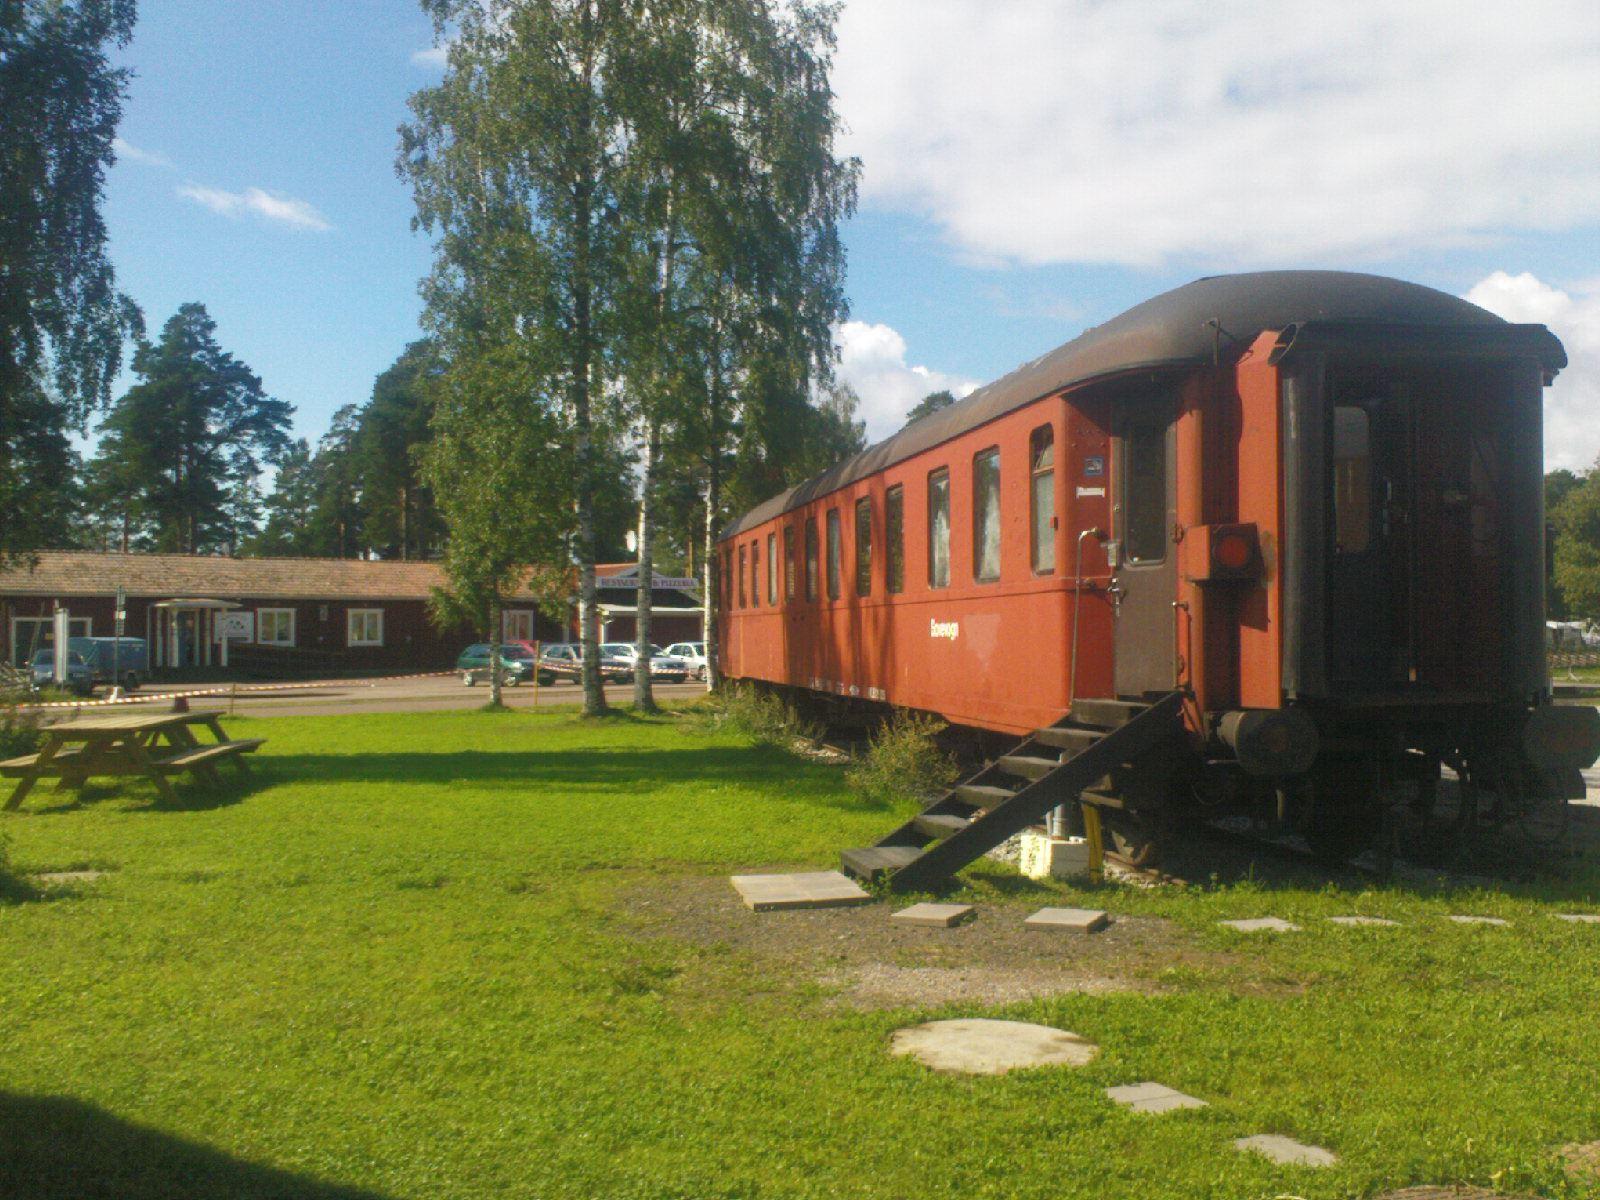 Tågstallarna vandrarhem, Rättvik